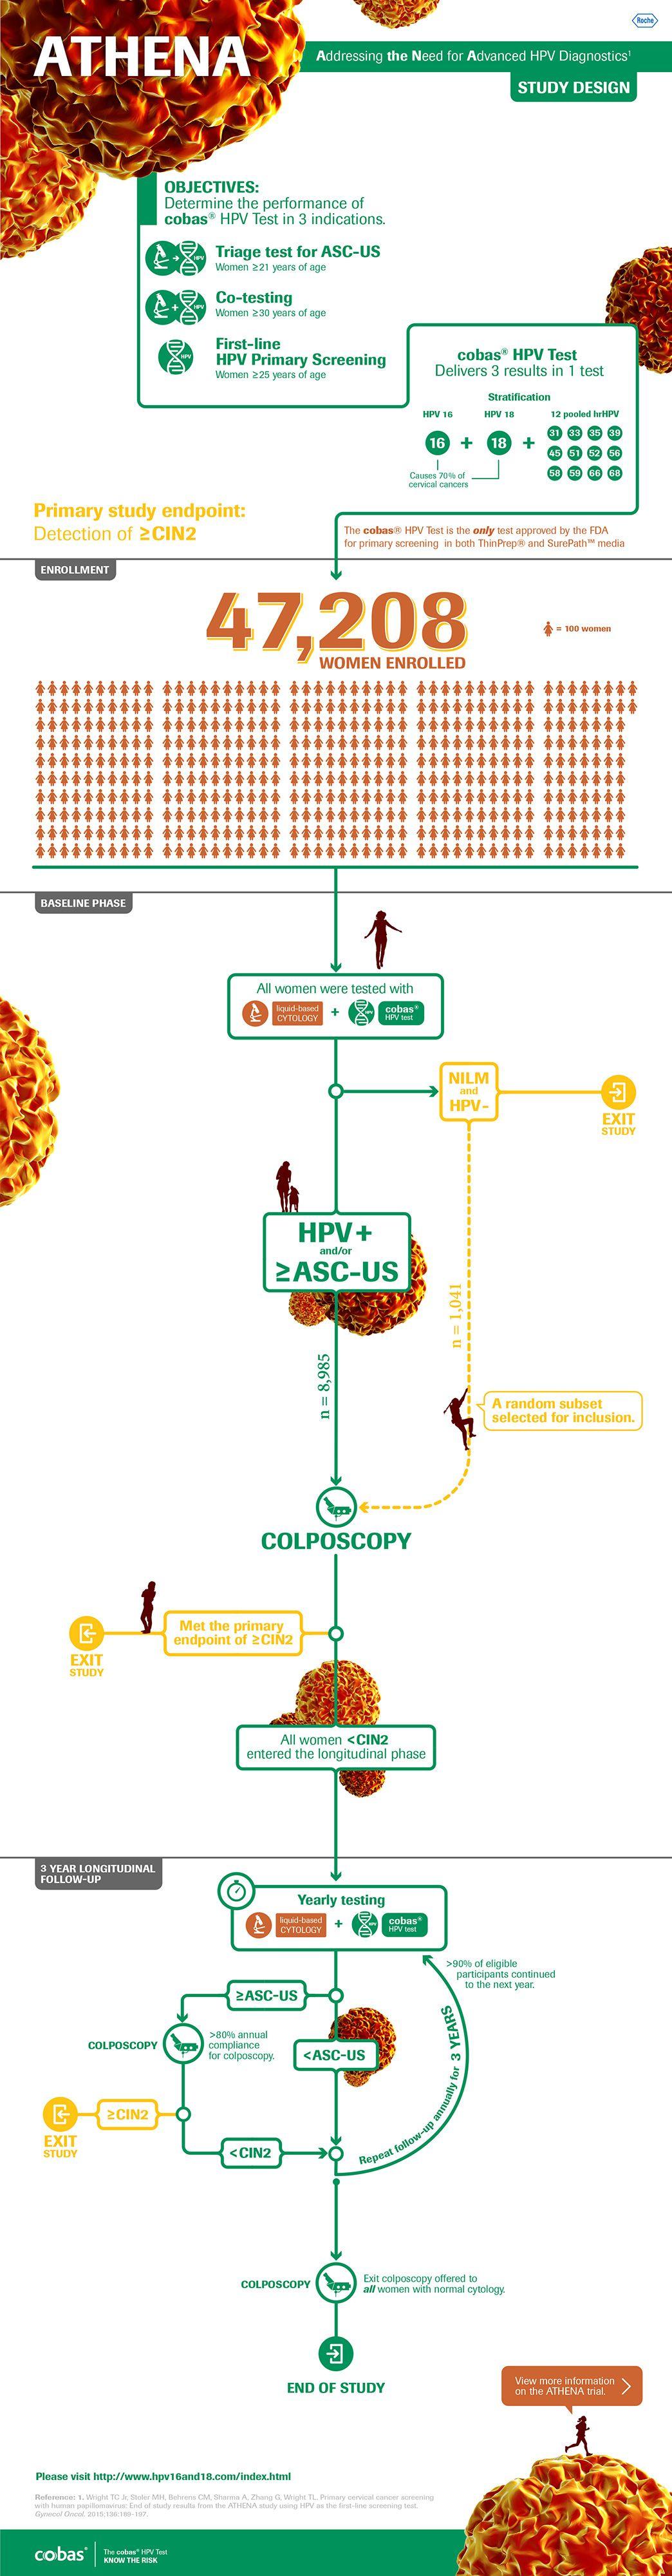 Infografía: Diseño del estudio ATHENA